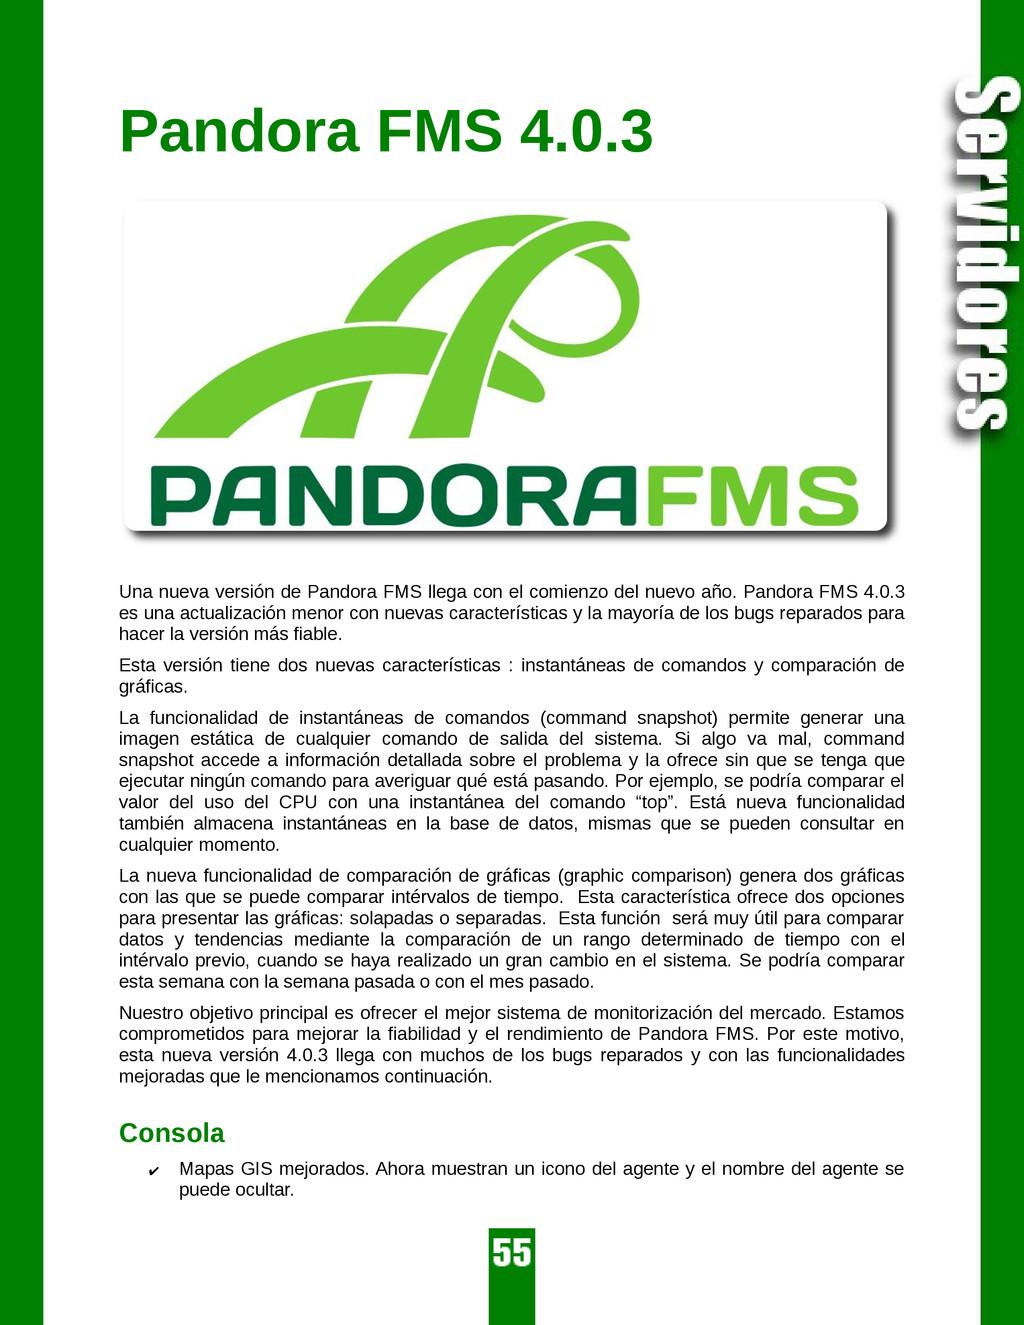 Pandora FMS 4.0.3 Una nueva versión de Pandora ...